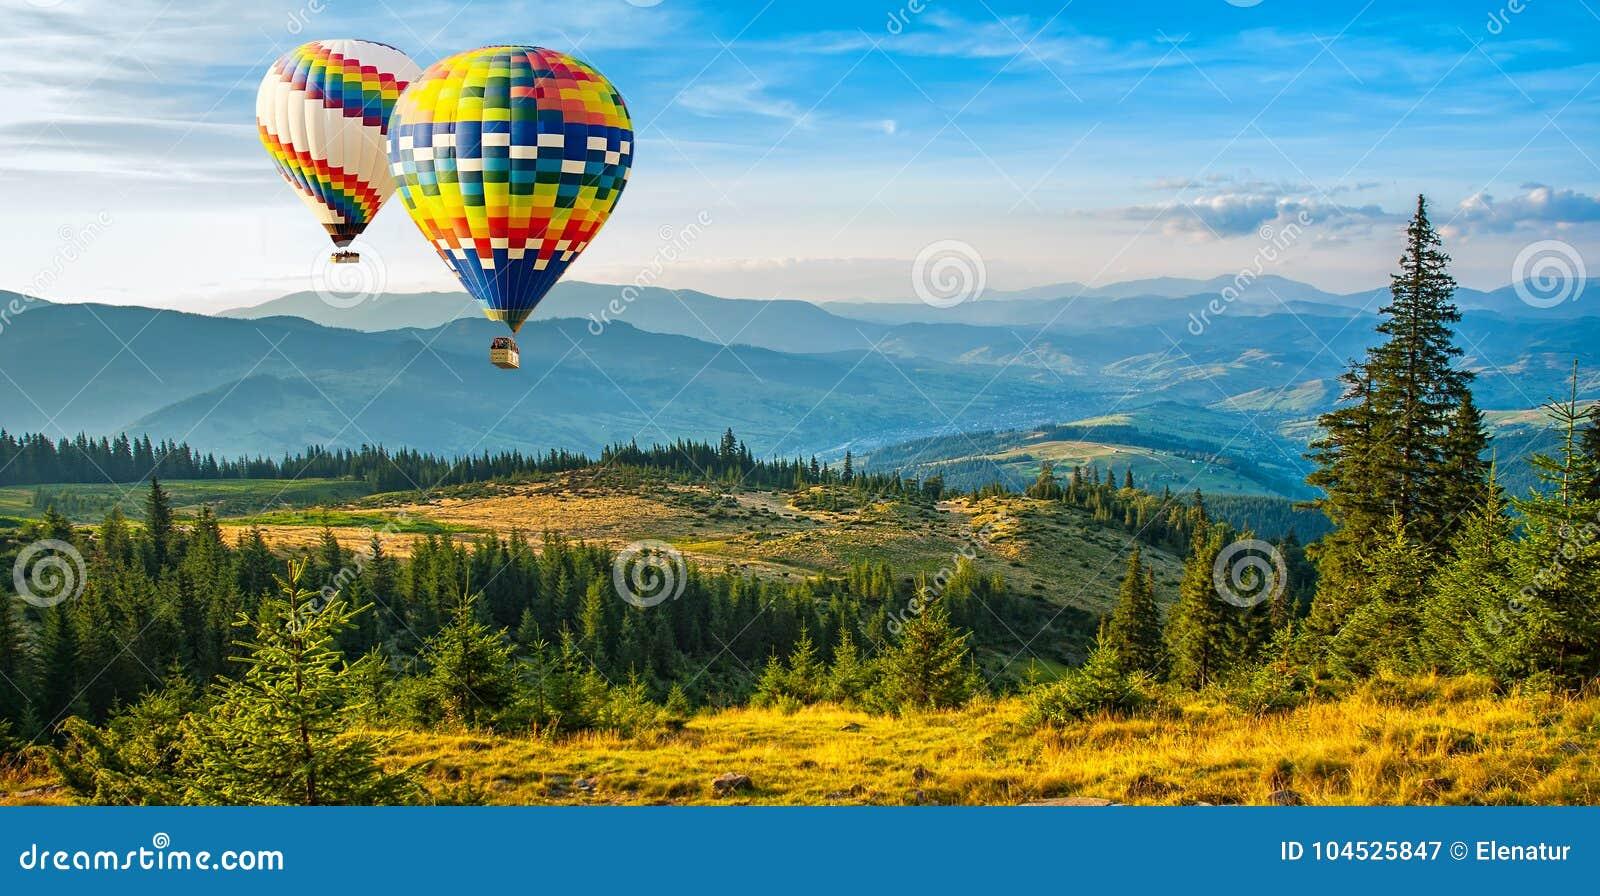 Balões de ar quente coloridos que voam sobre as montanhas Pi artístico